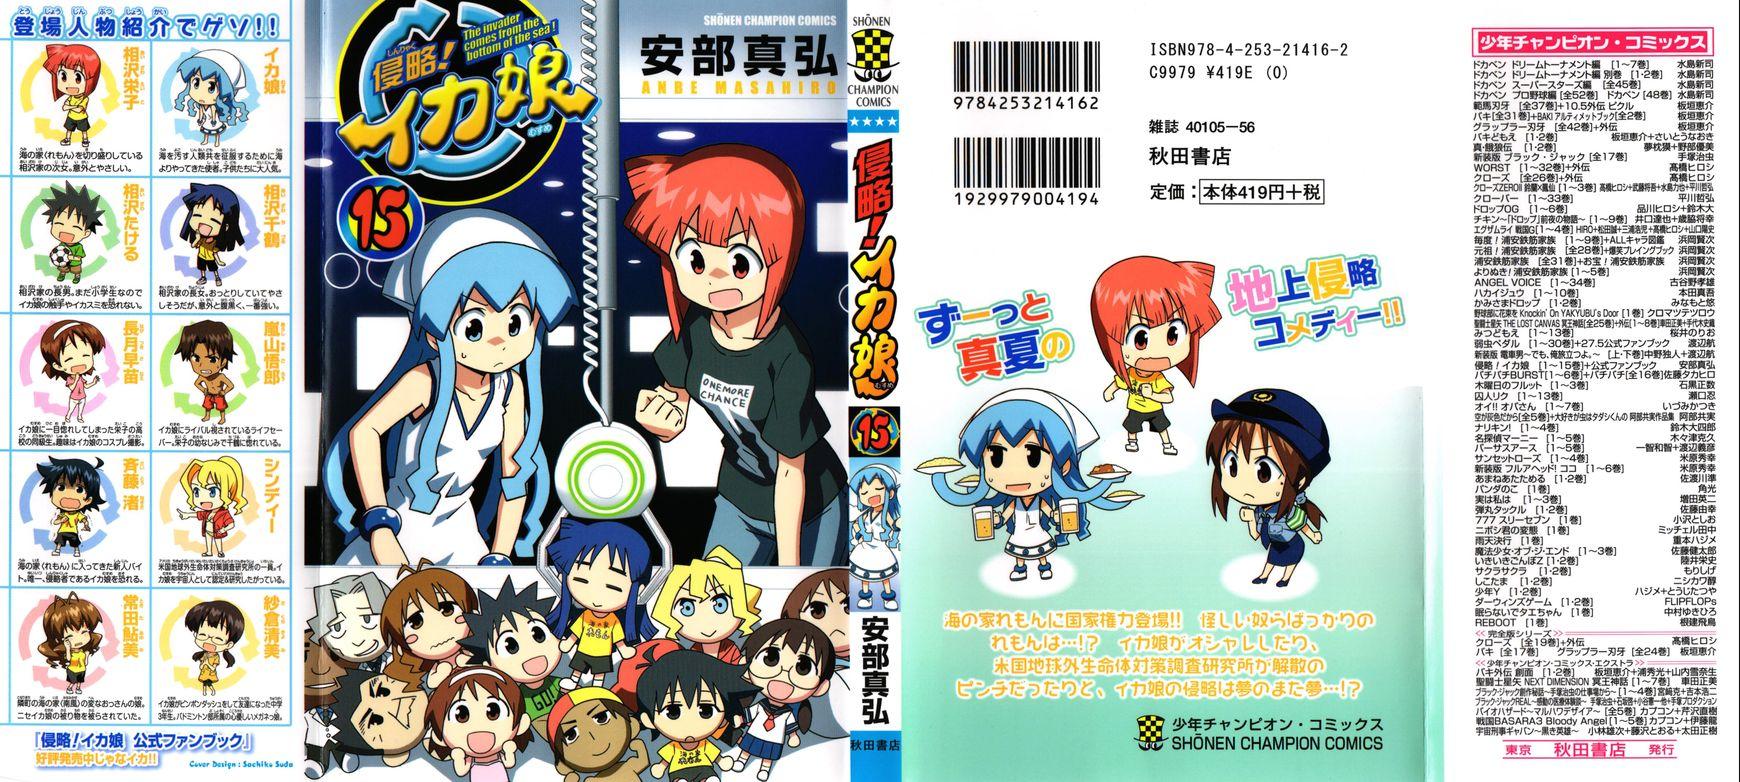 Shinryaku! Ika Musume 267 Page 1